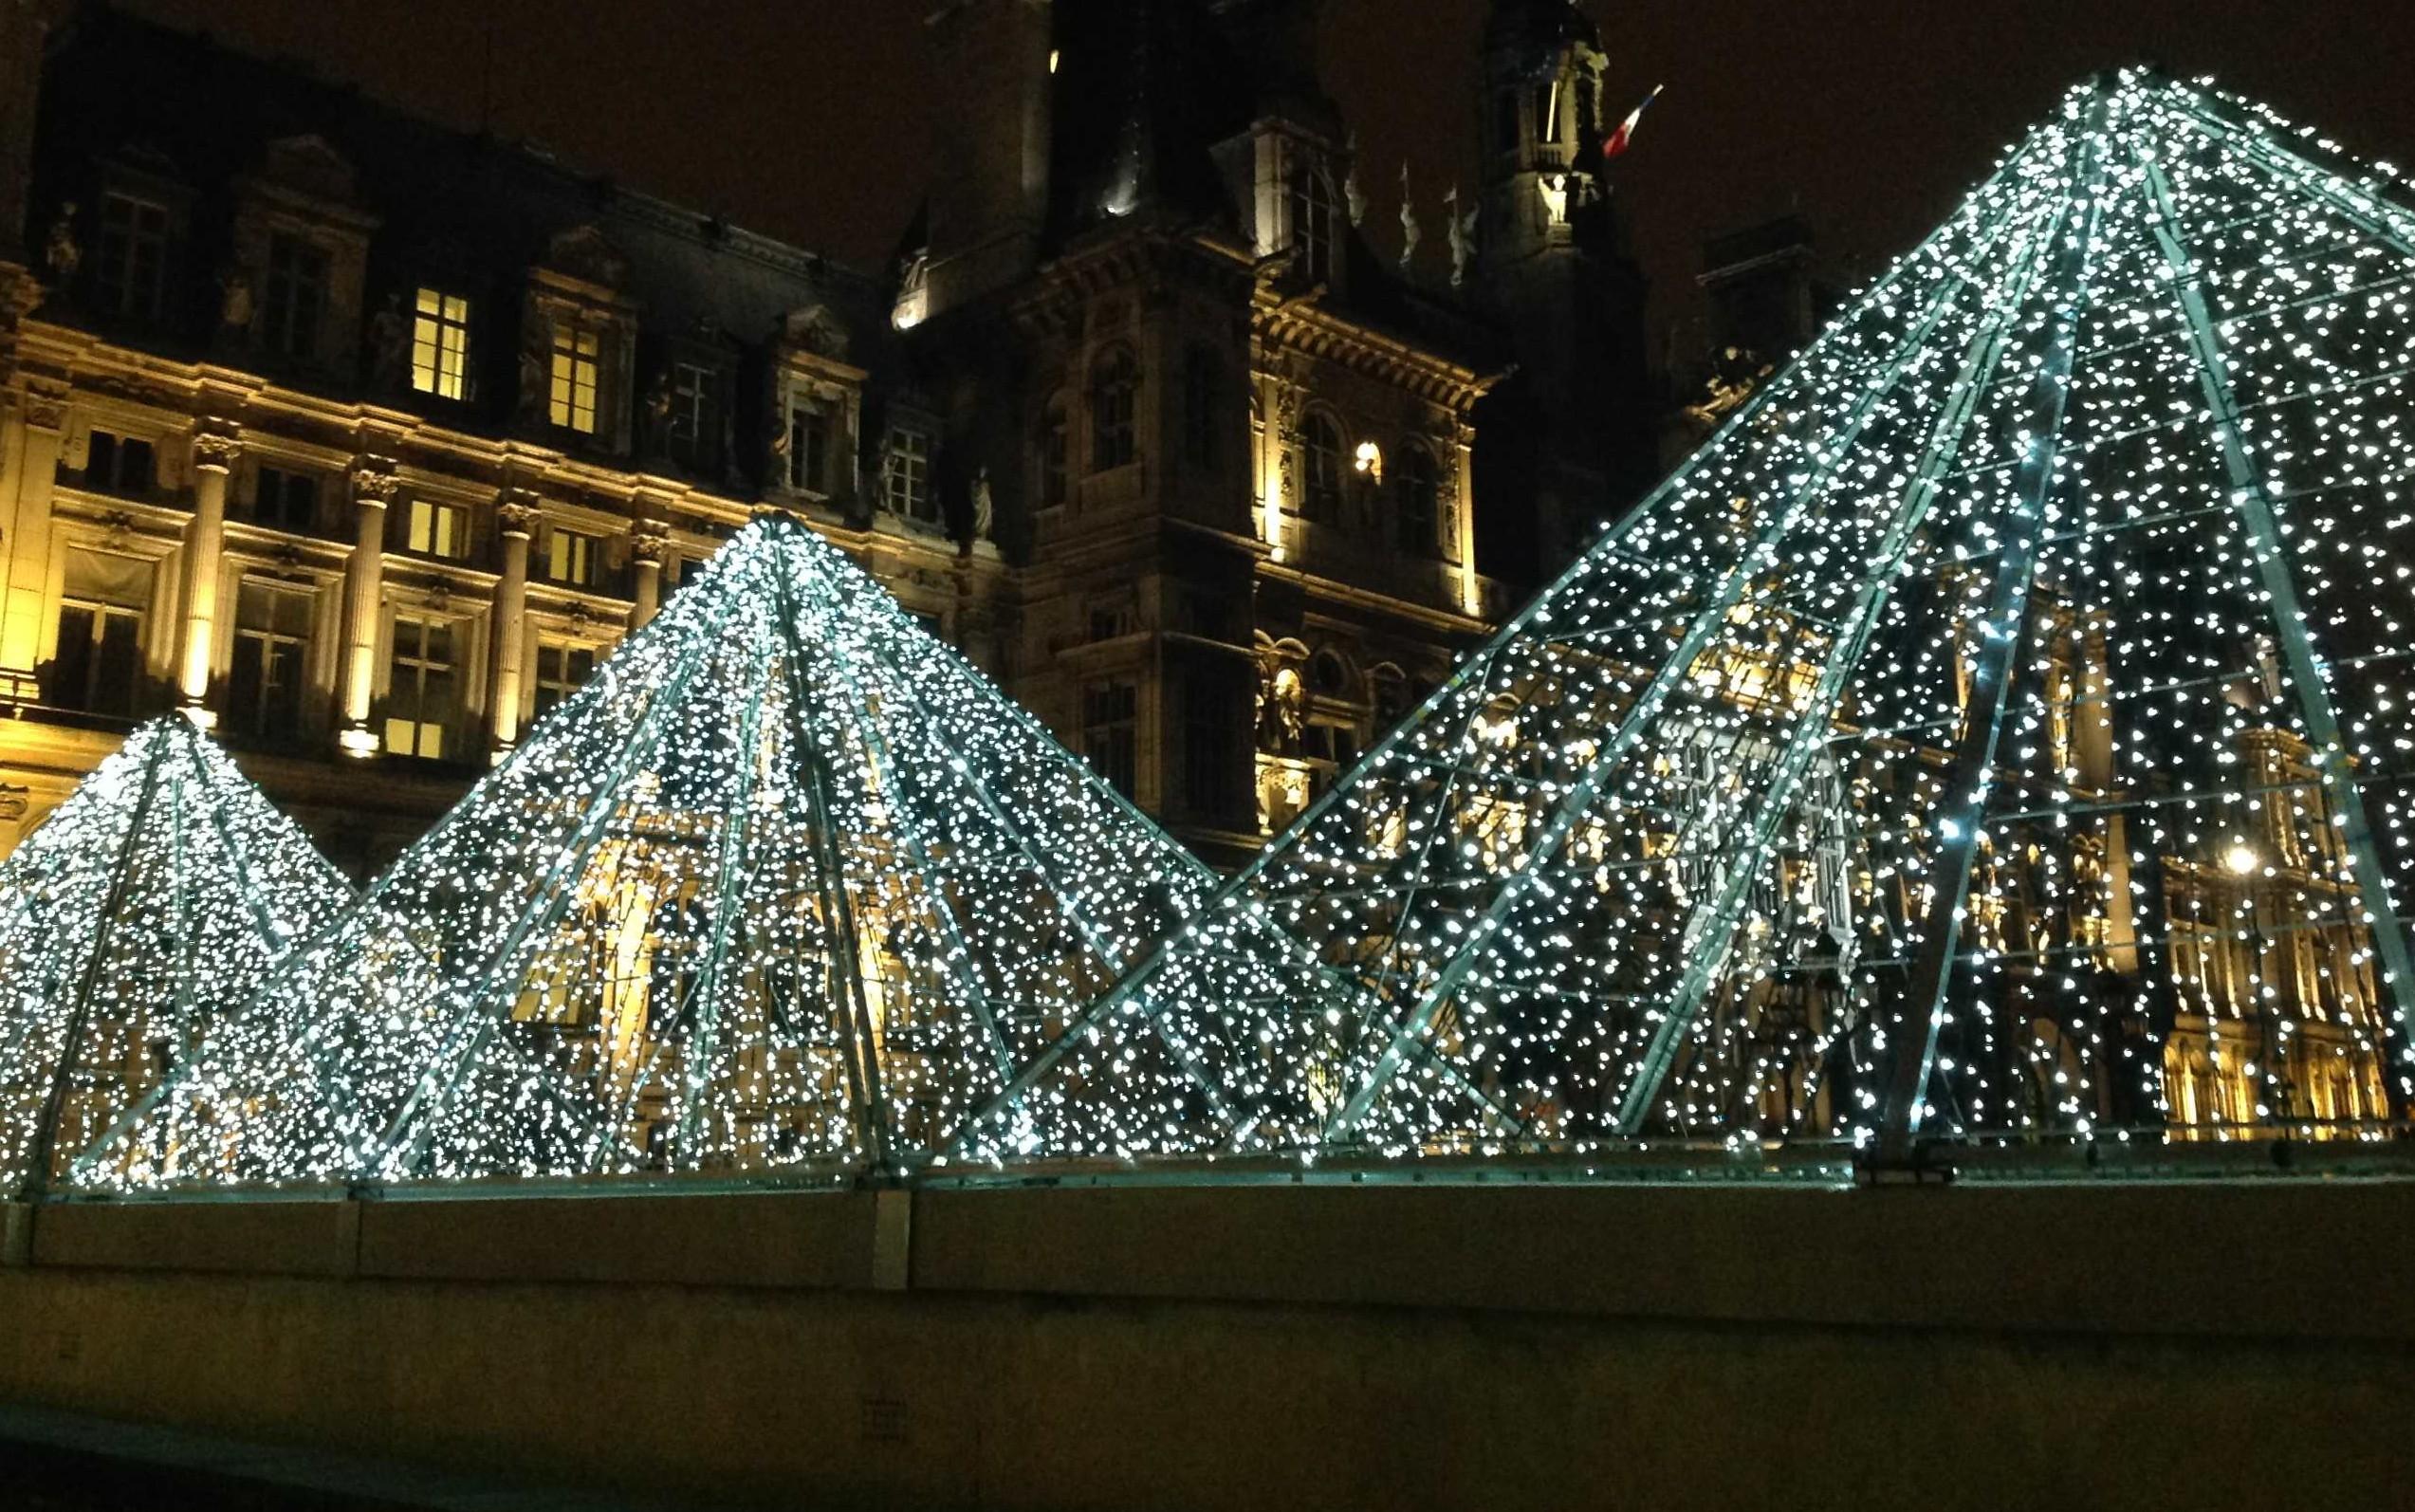 Natale all'estero. Parigi all'insegna di shopping, luminarie e angoli suggestivi - triestini nel ...